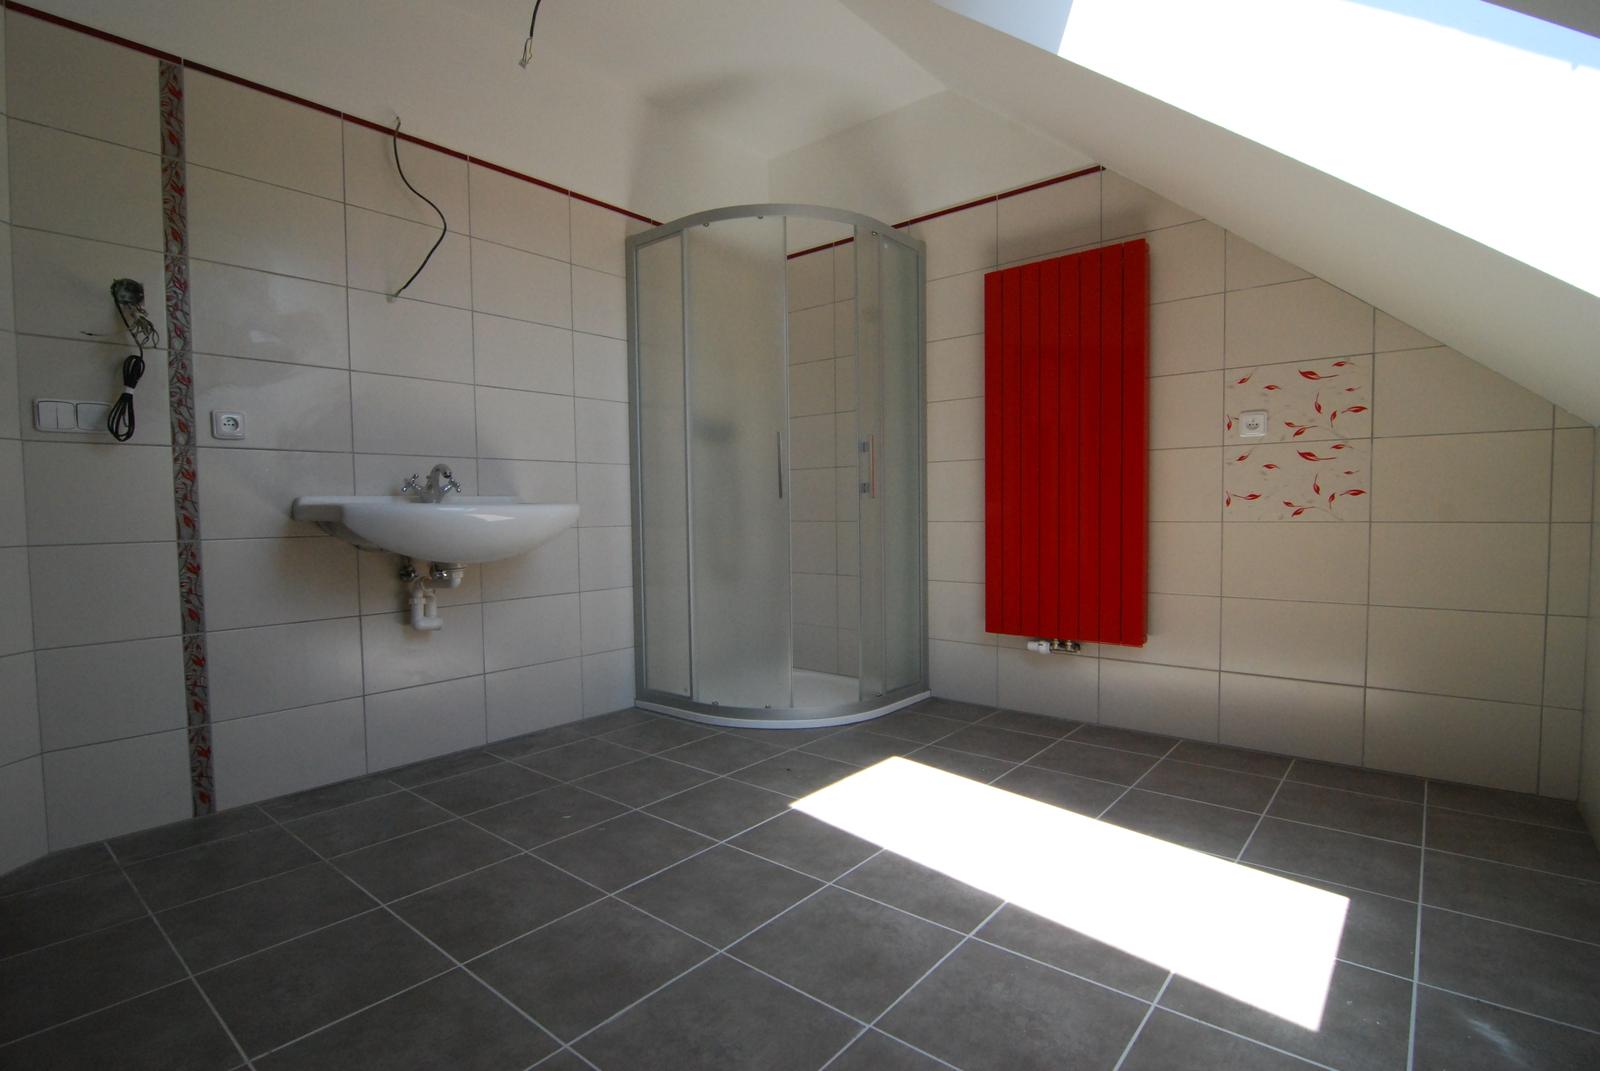 Rekonstrukce koupelen a bytových jader, Voda-topení-plyn SIGETY & ŠÁRKA s.r.o. Třebíč